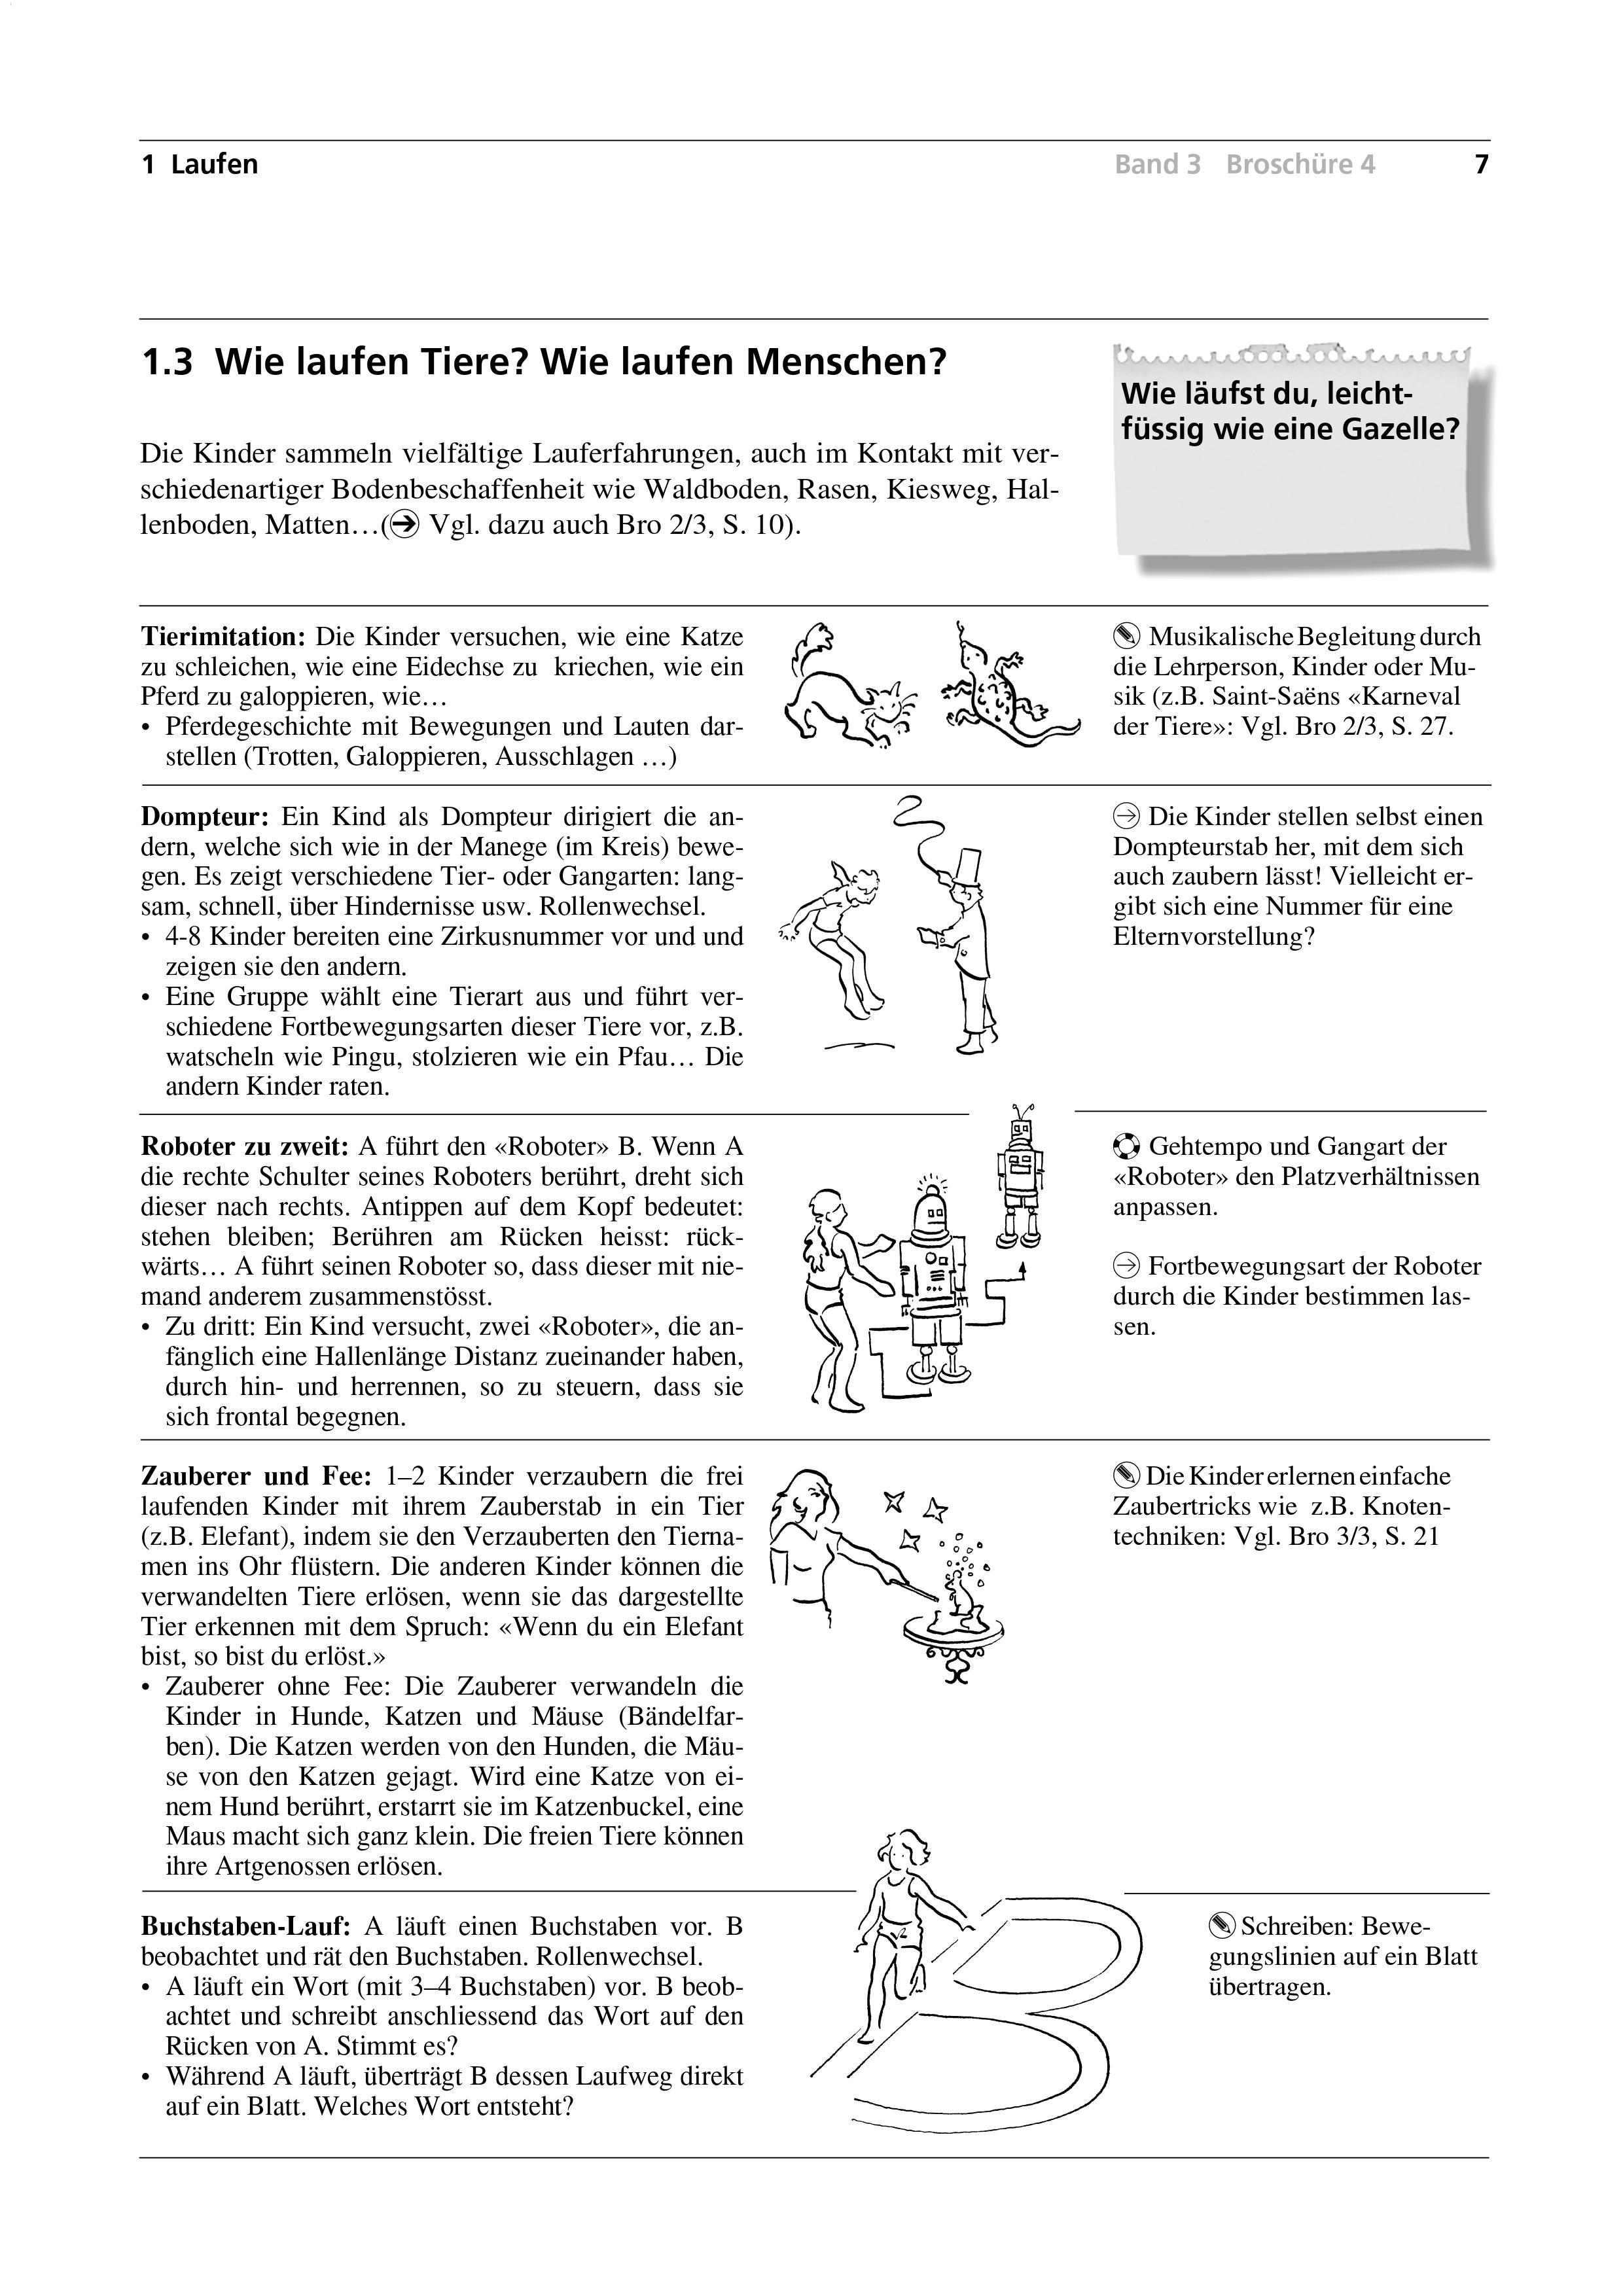 Preview image for LOM object Wie laufen Tiere? Wie laufen Menschen?